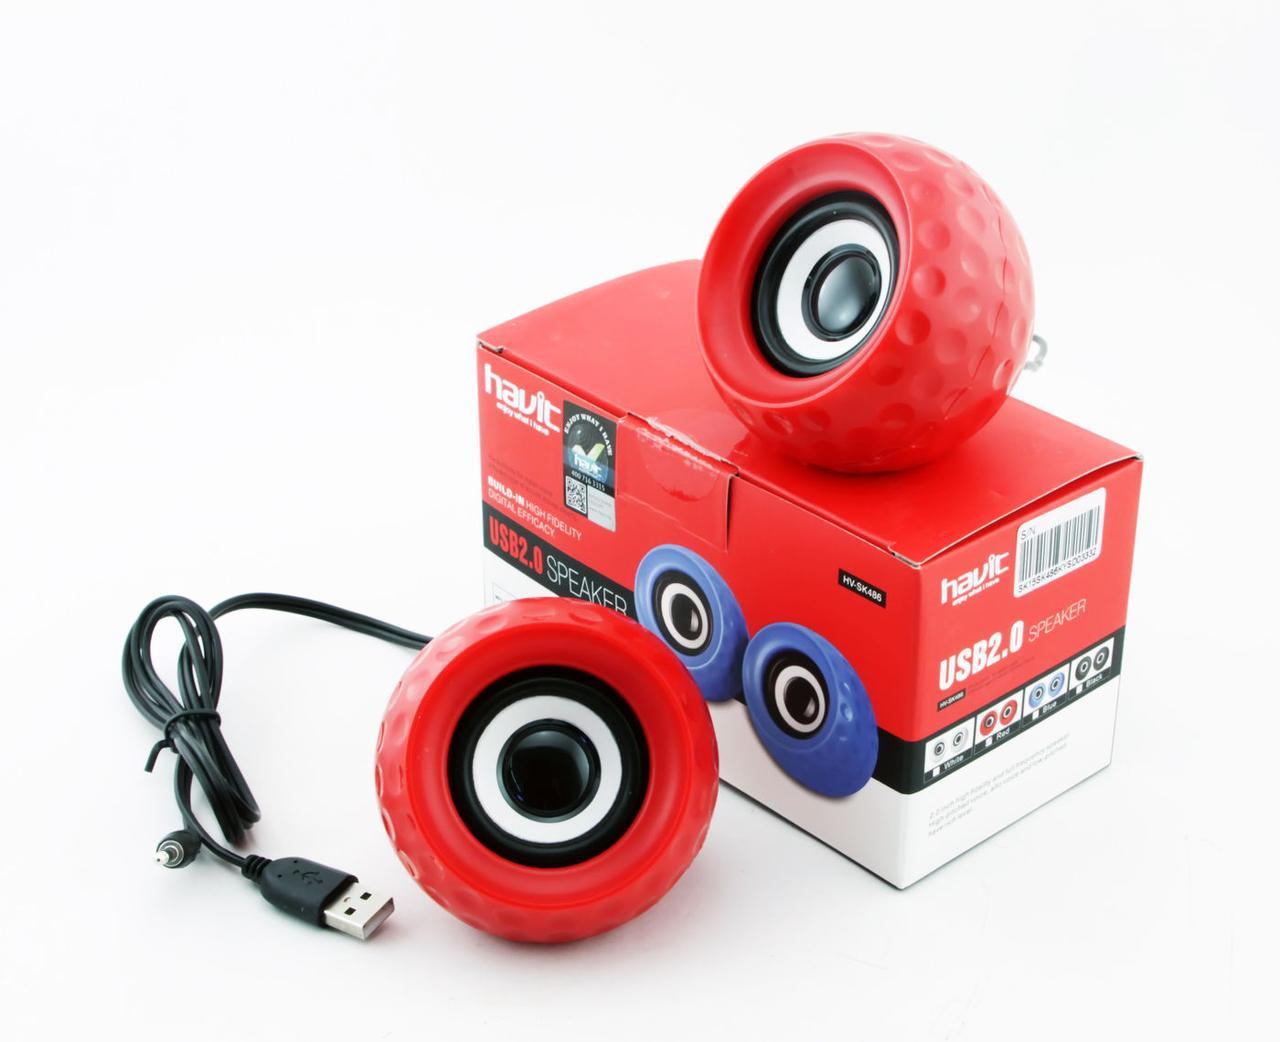 Колонки Havit HV-SK486, Red, USB, 2x3 Вт, регулятор громкости